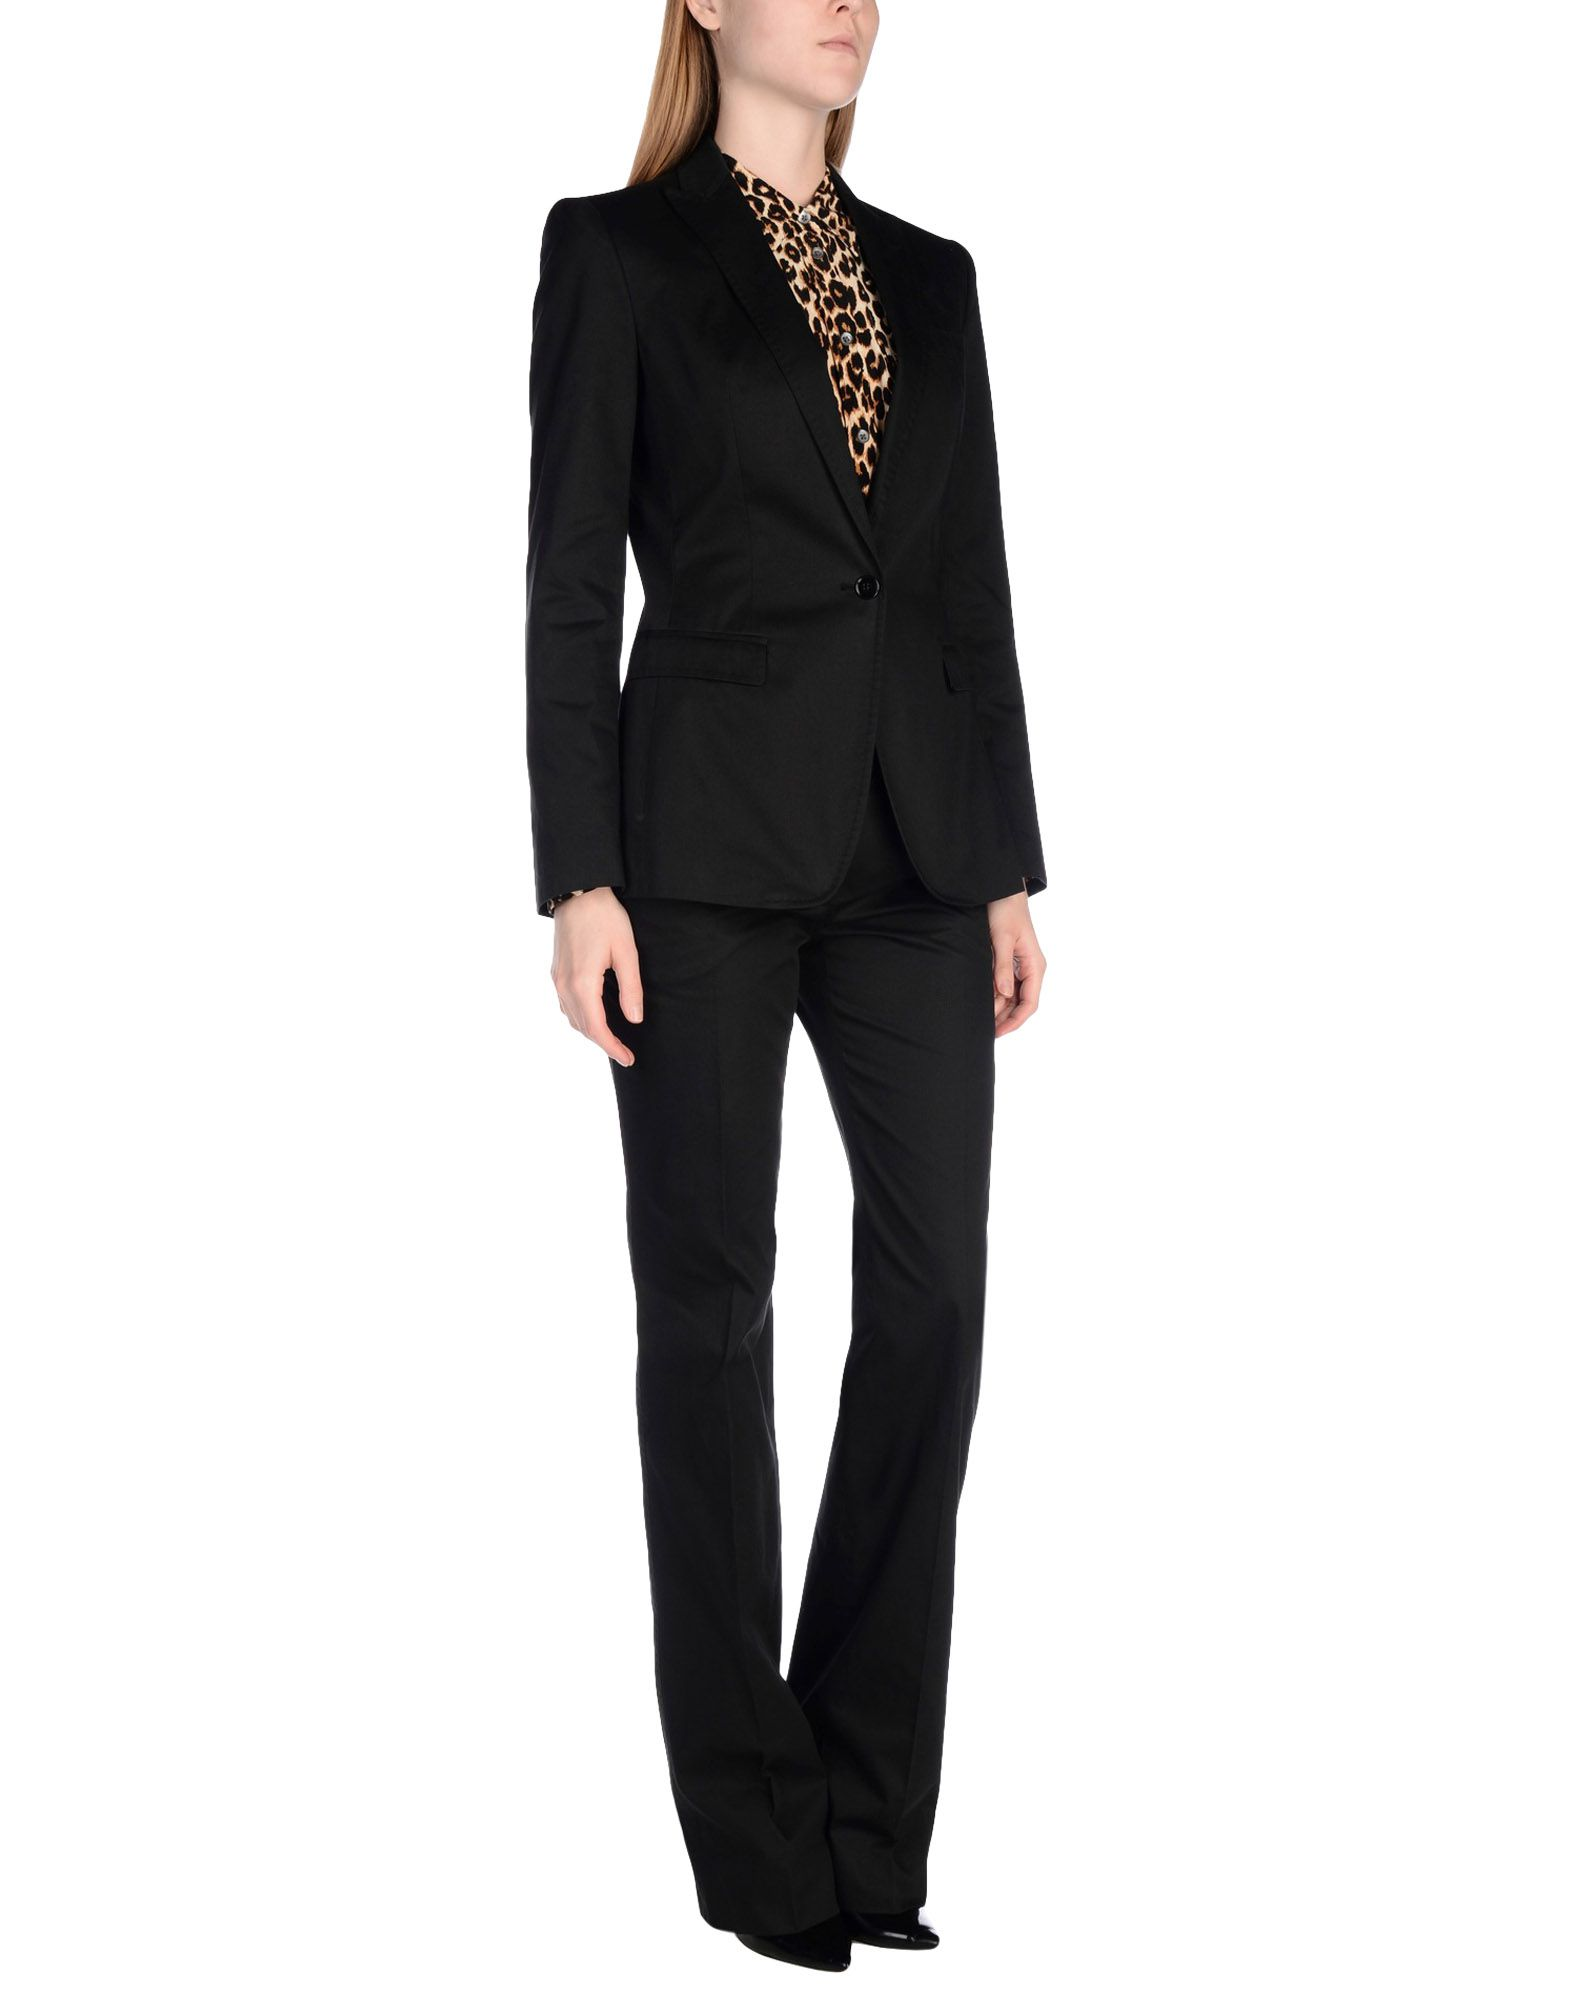 костюм с короткими штанами dolce & gabbana костюм с короткими штанами DOLCE & GABBANA Классический костюм